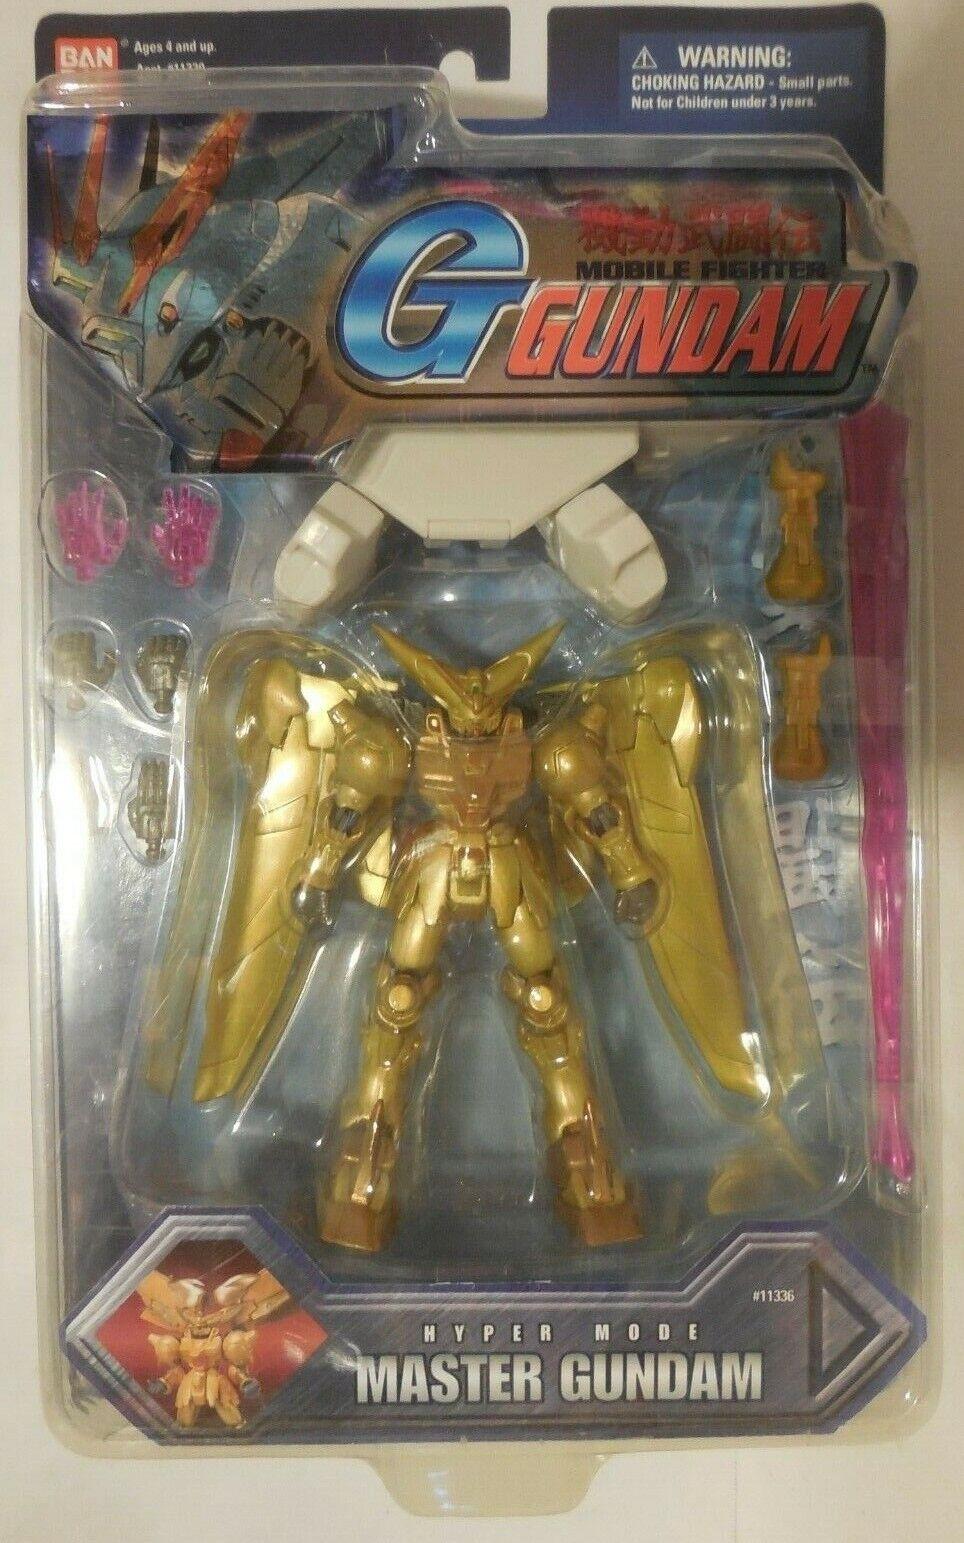 Bandai G Gundam Mobile Fighter Hyper Mode Master Gundam